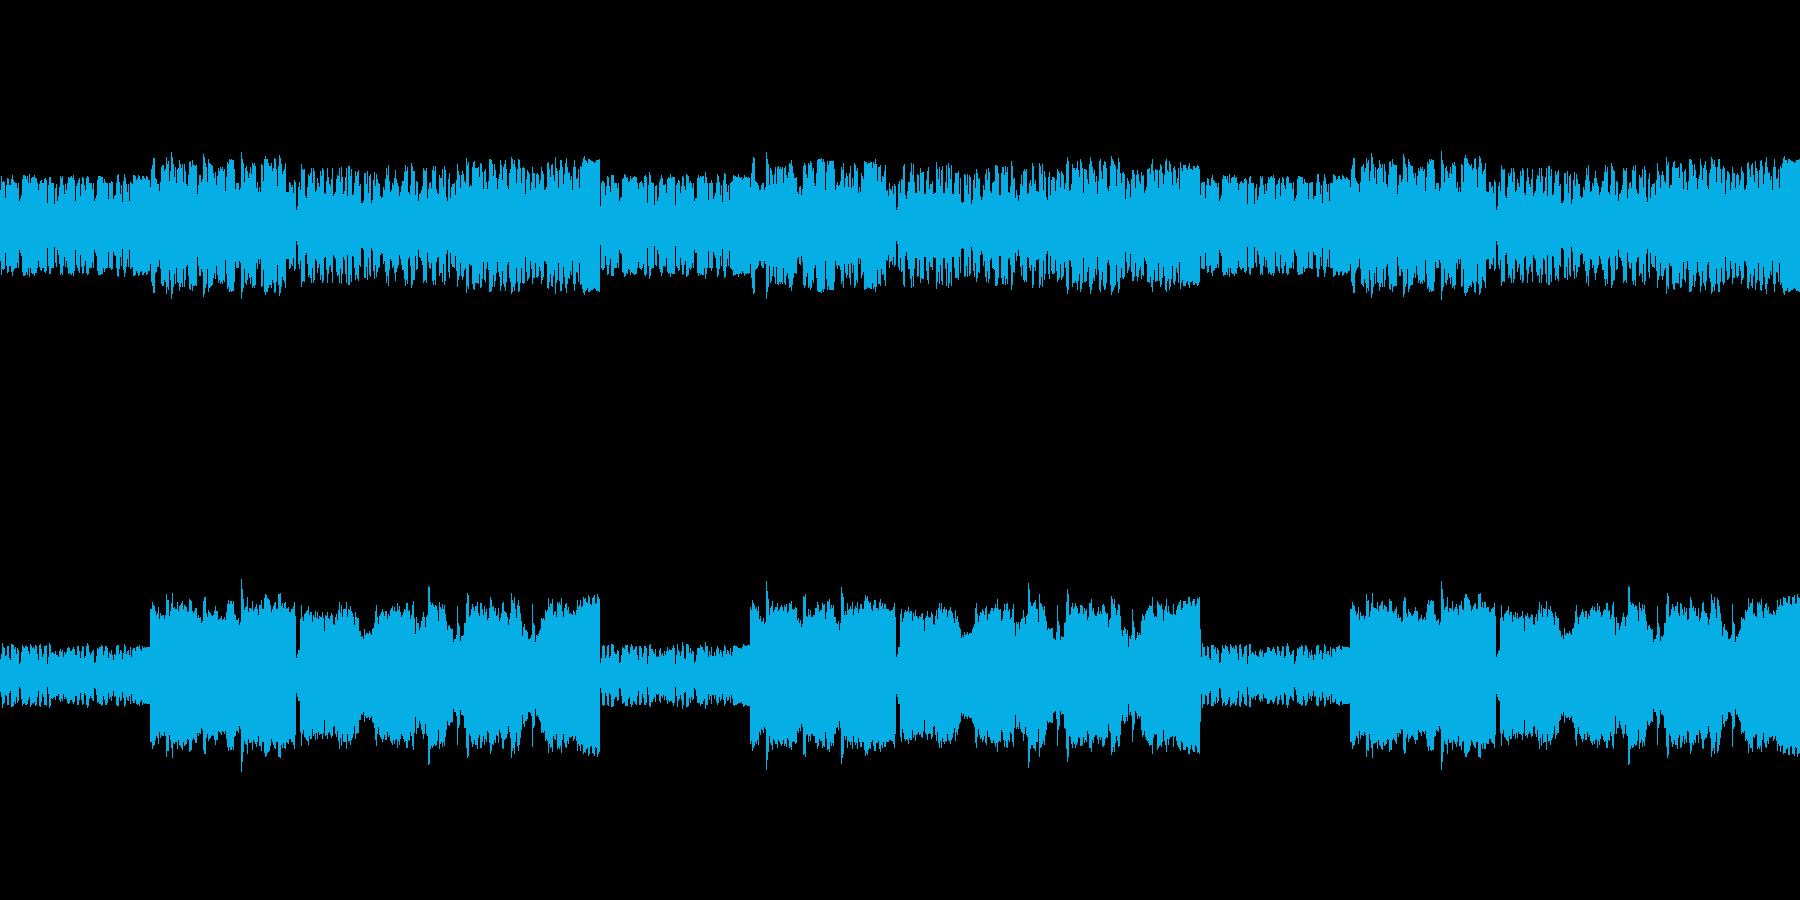 ファミコン音源の旋律が印象的なバラードの再生済みの波形